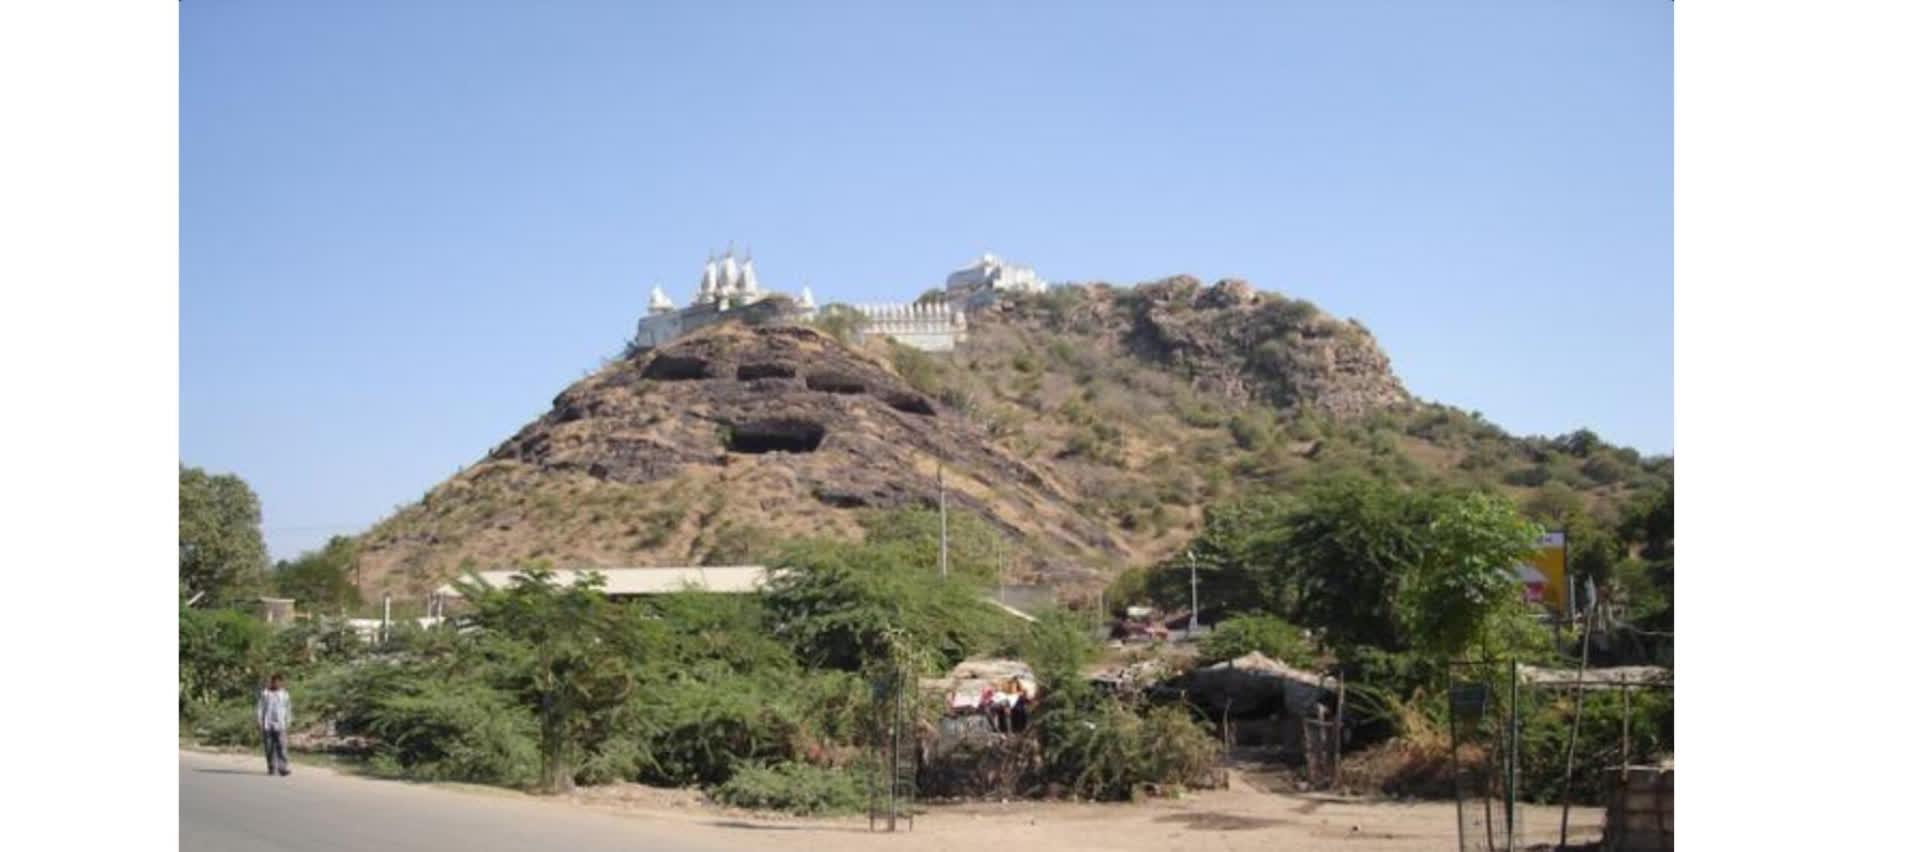 गुजरात की बौद्ध गुफाएँ